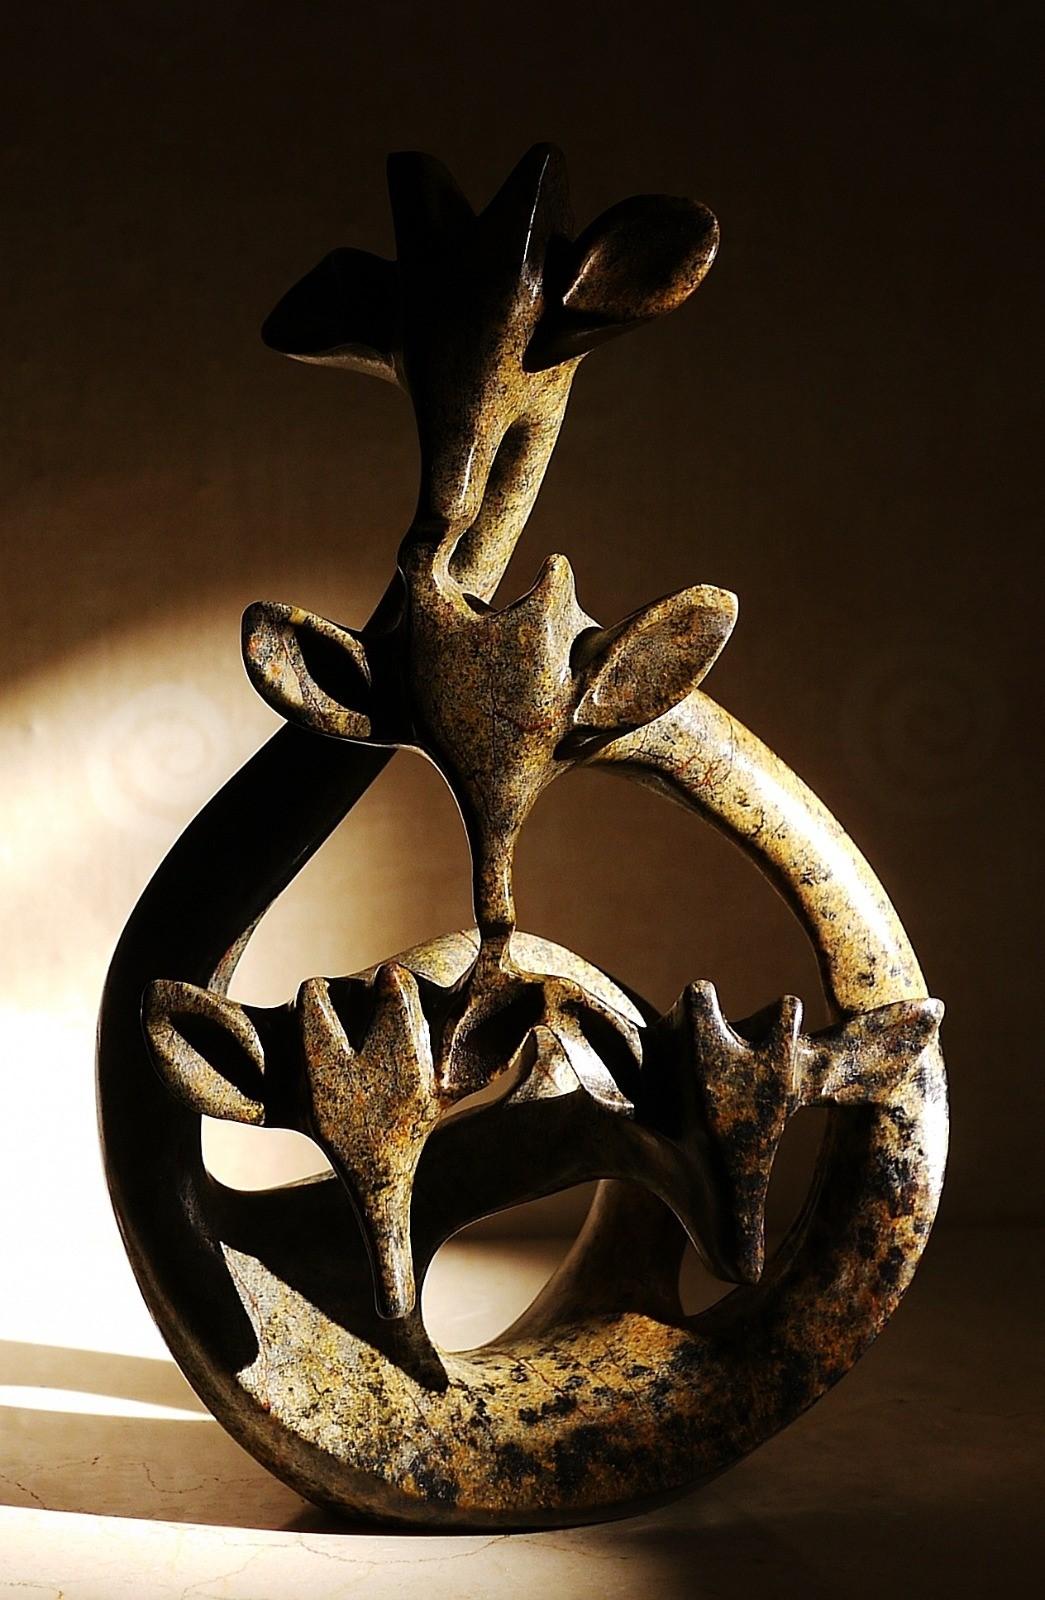 Stones Used in Zimbabwean Sculpture